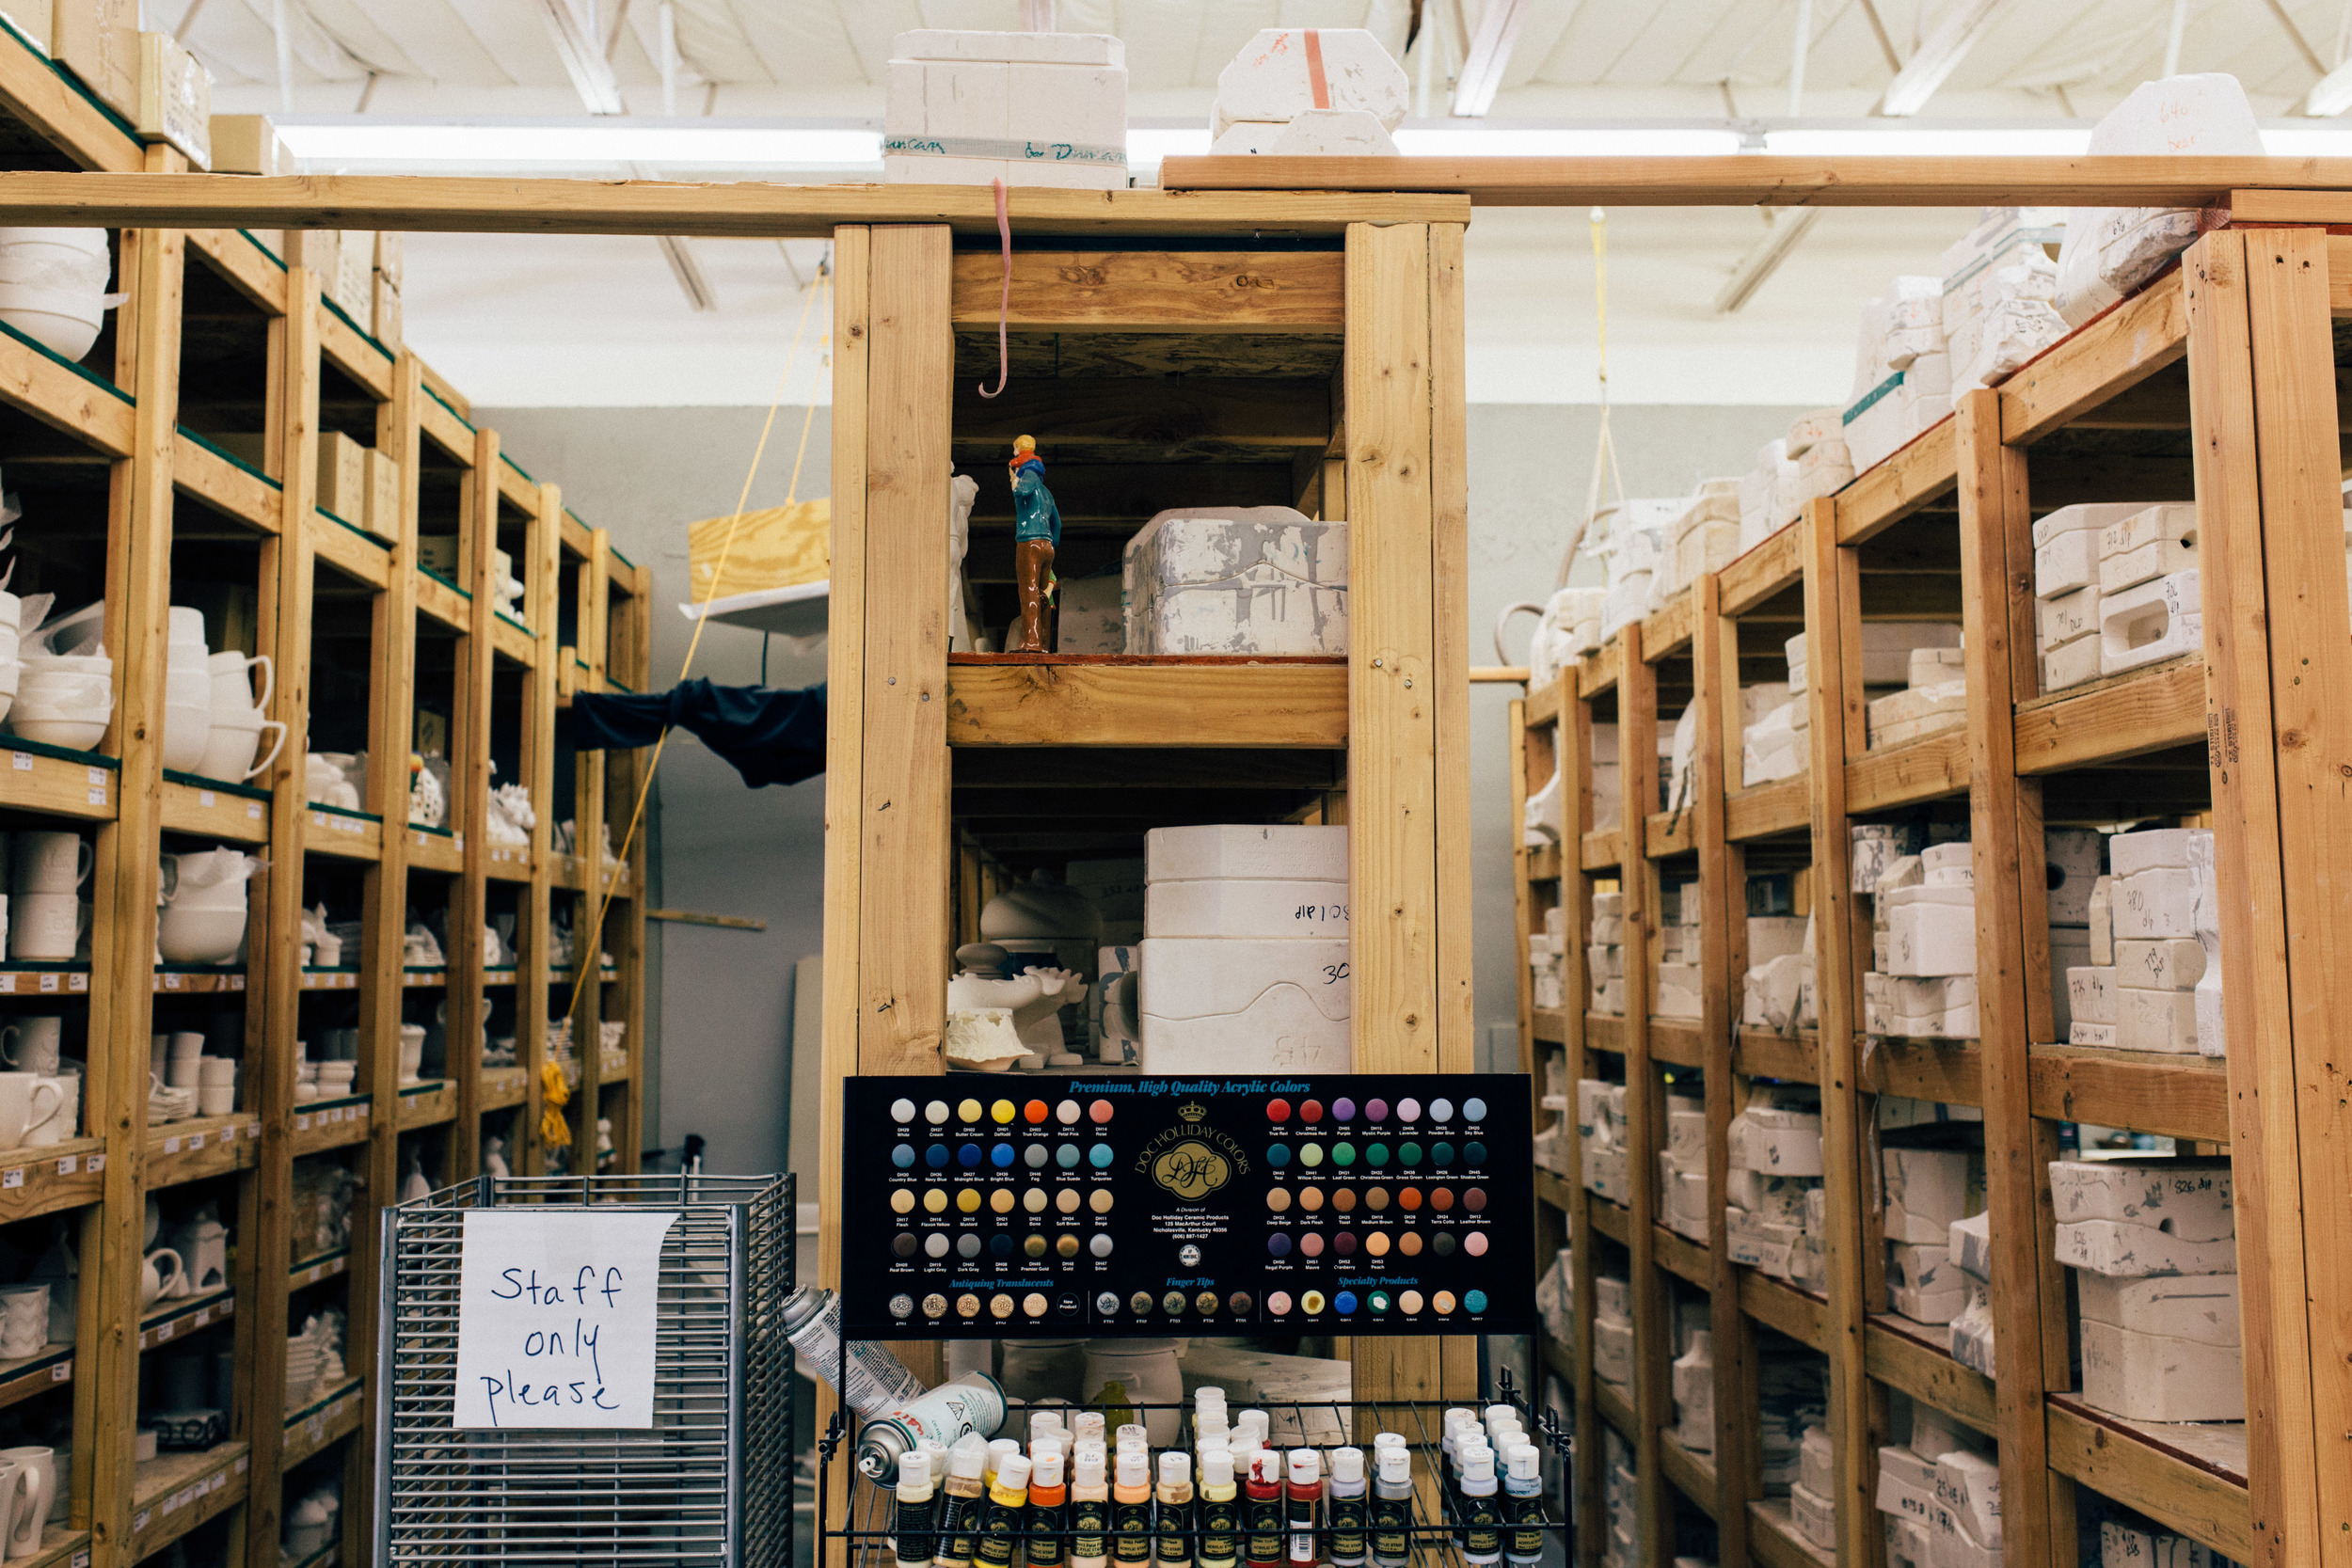 Pottery shelves interior social media photographer St George UT